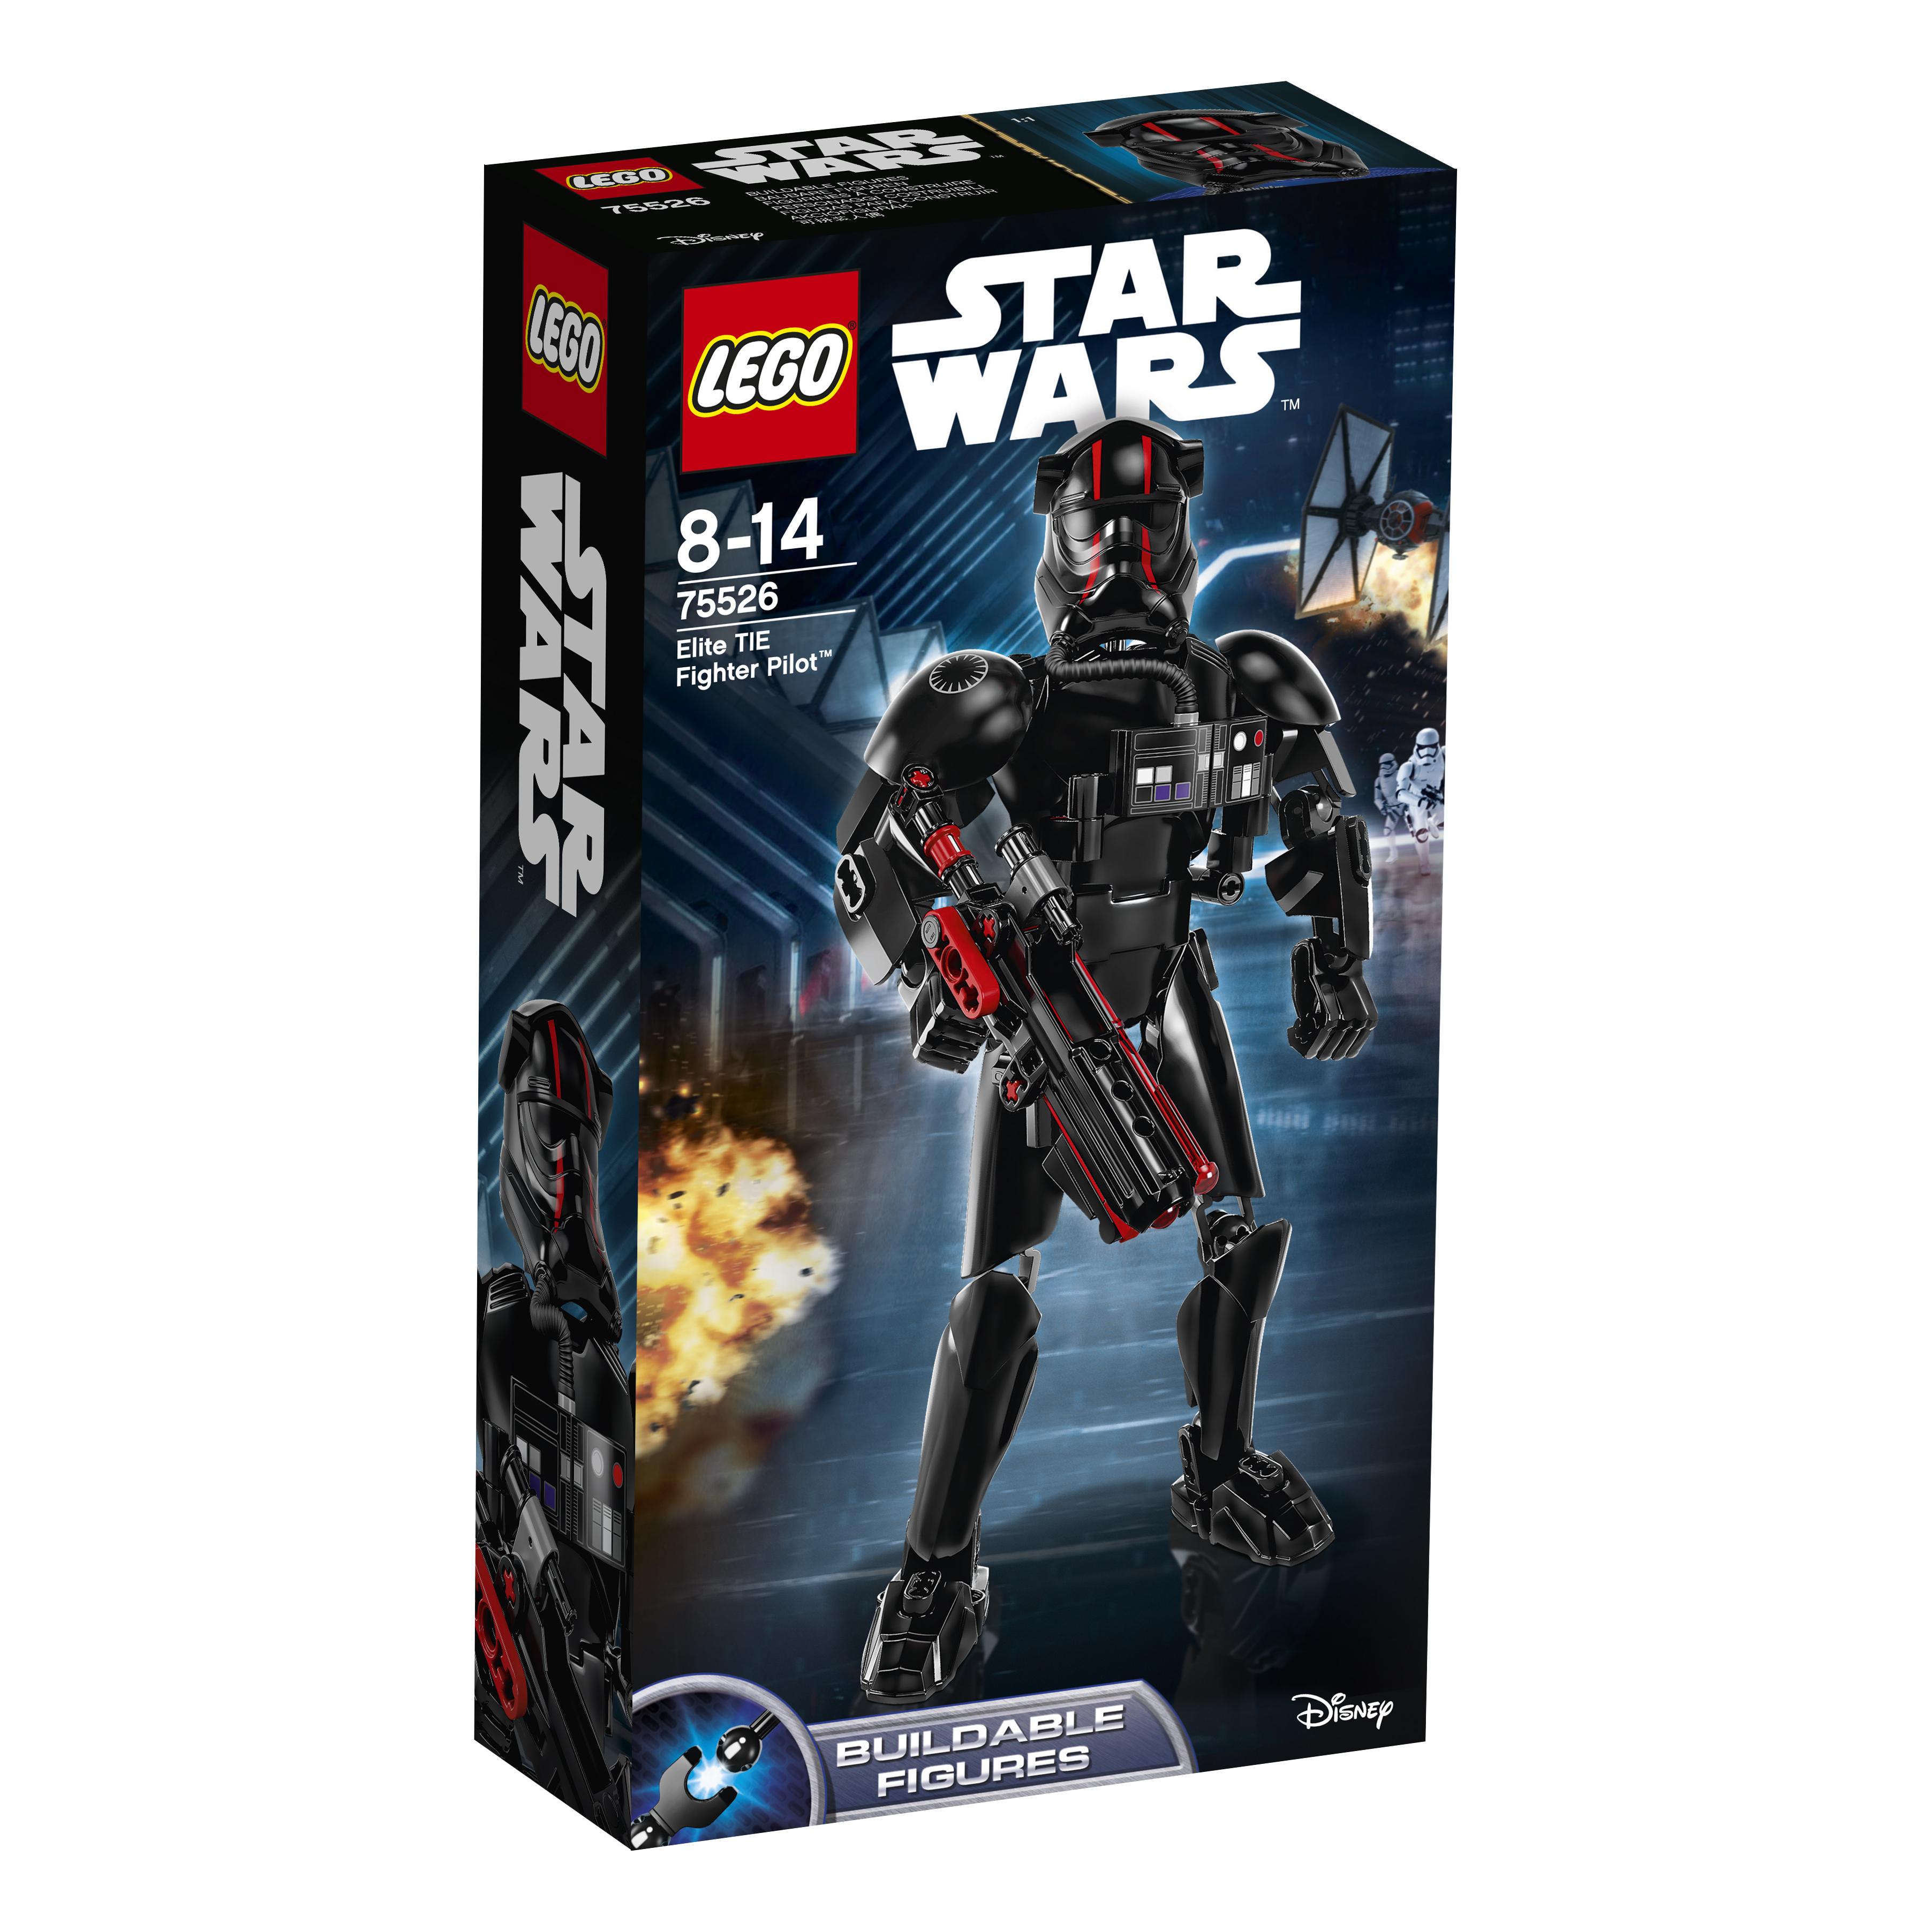 Star Wars LEGO Конструктор    75526 «Элитный пилот истребителя СИД»